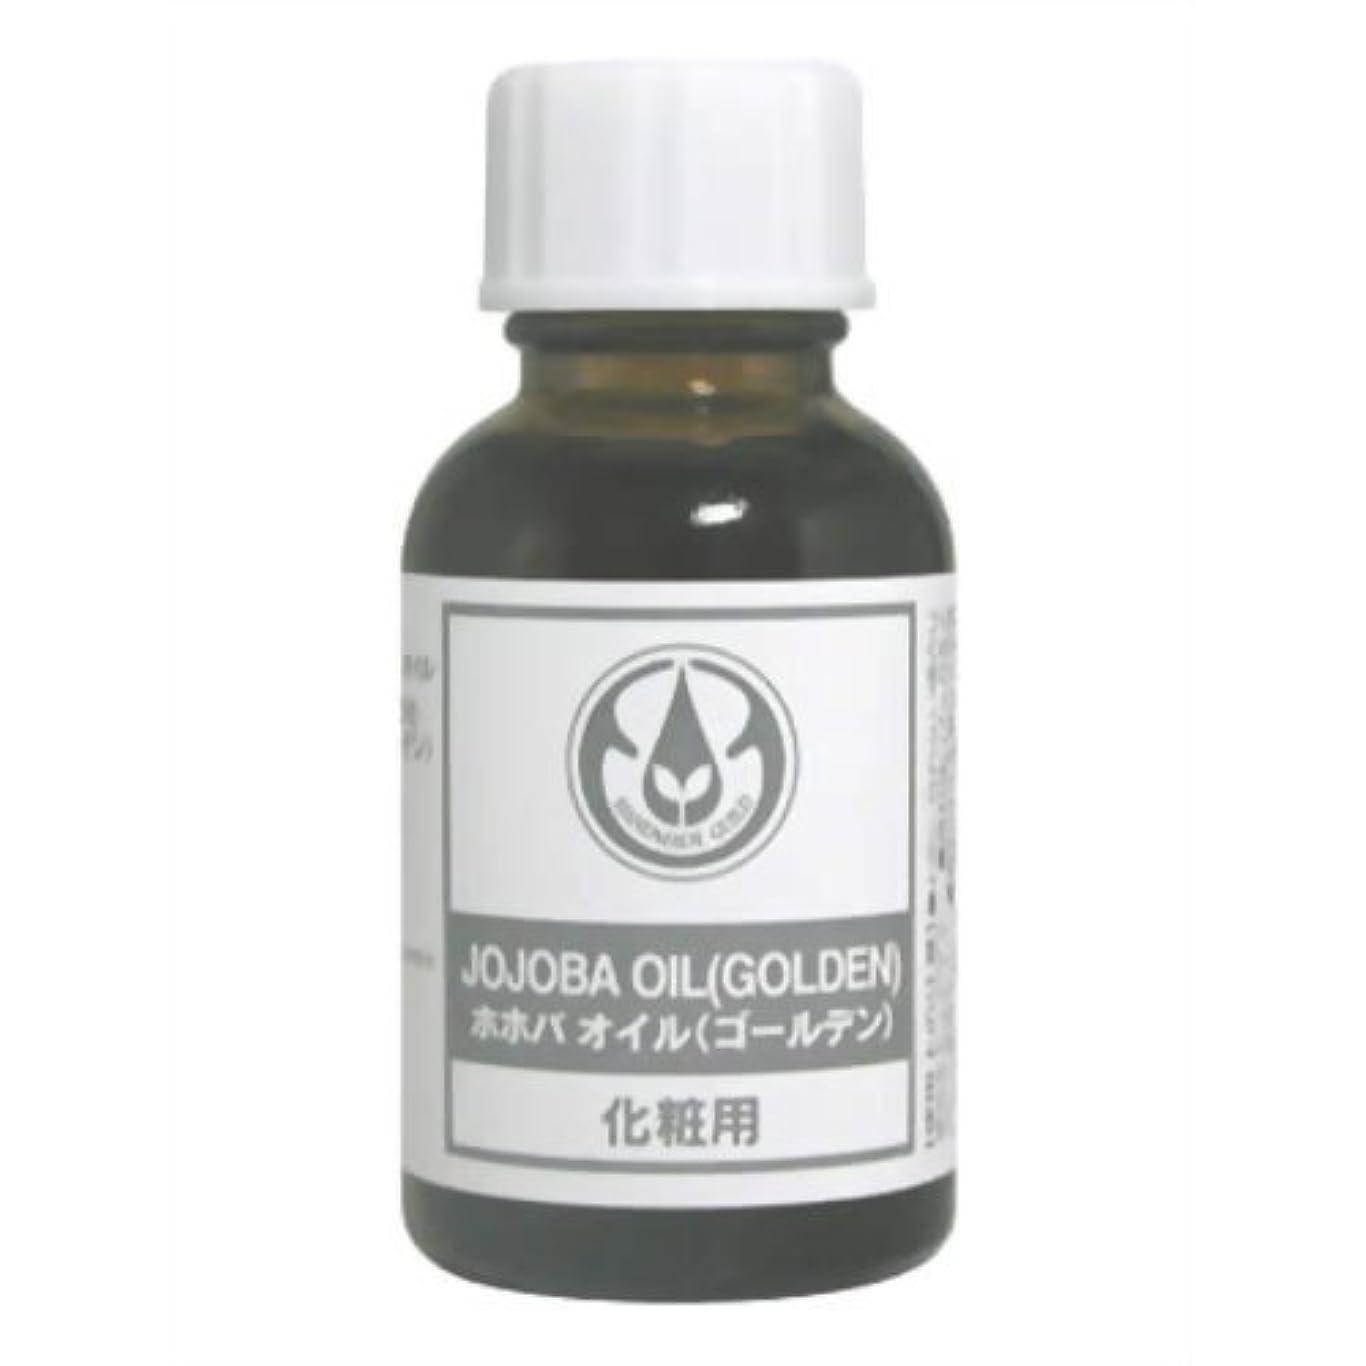 製油所無意識軽食ホホバ(ゴールデン)25ml◆